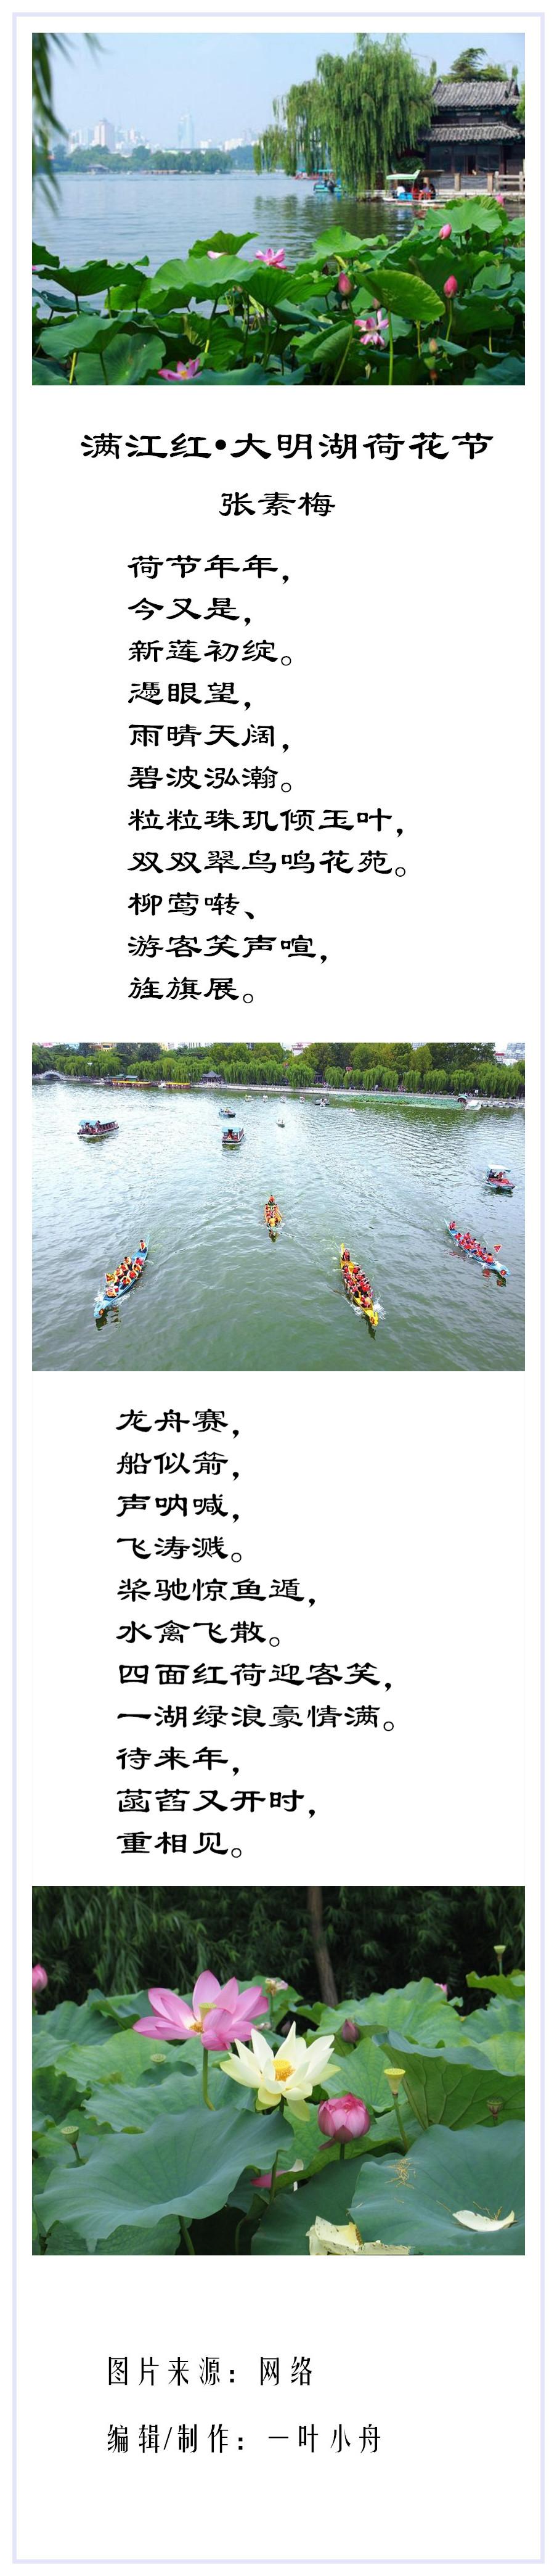 大明湖荷花节诗合成